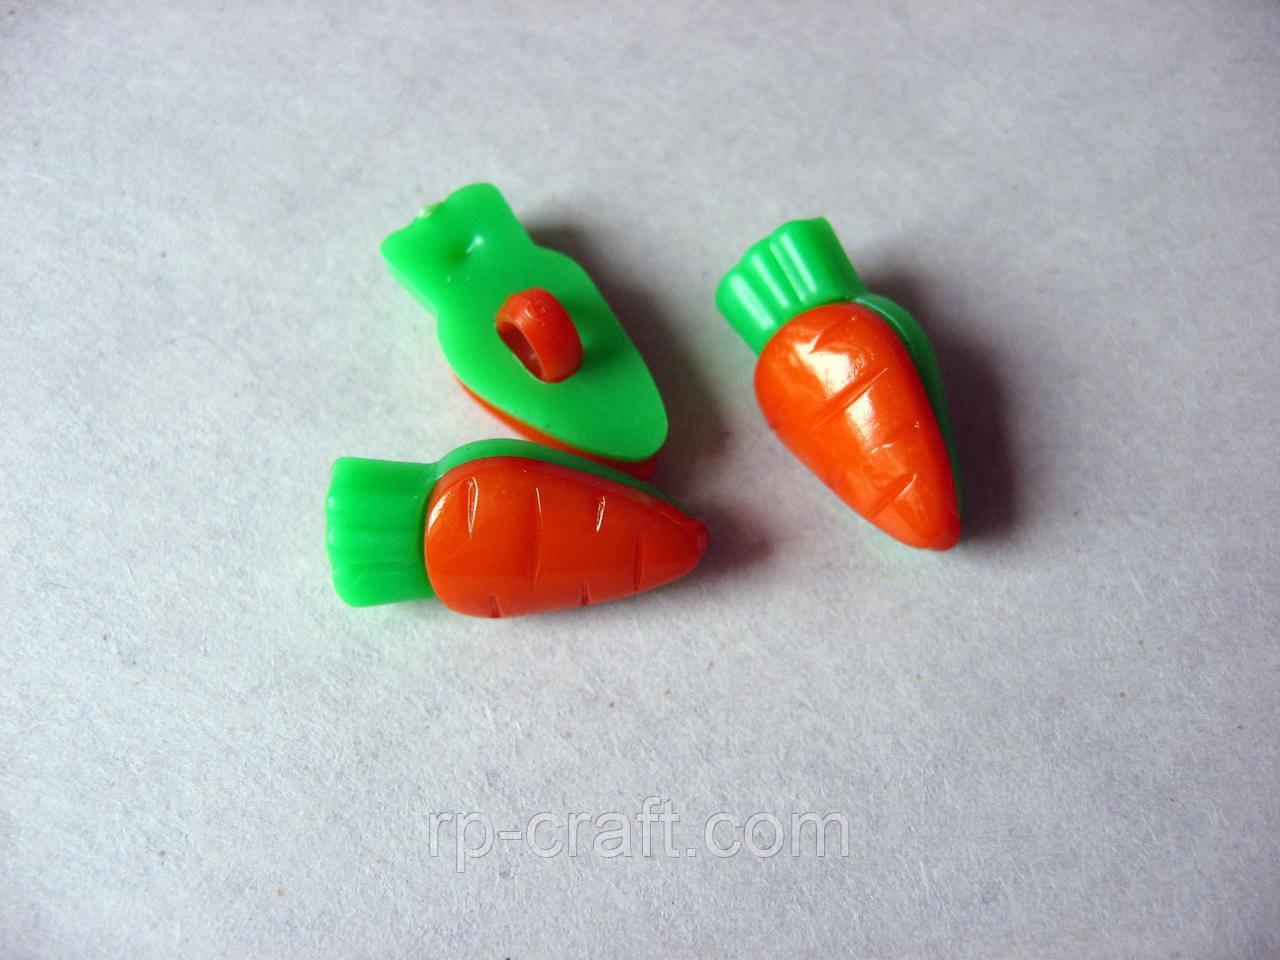 Гудзик пластиковий, декоративний, фігурний, на ніжці. Морква, 9х18 мм